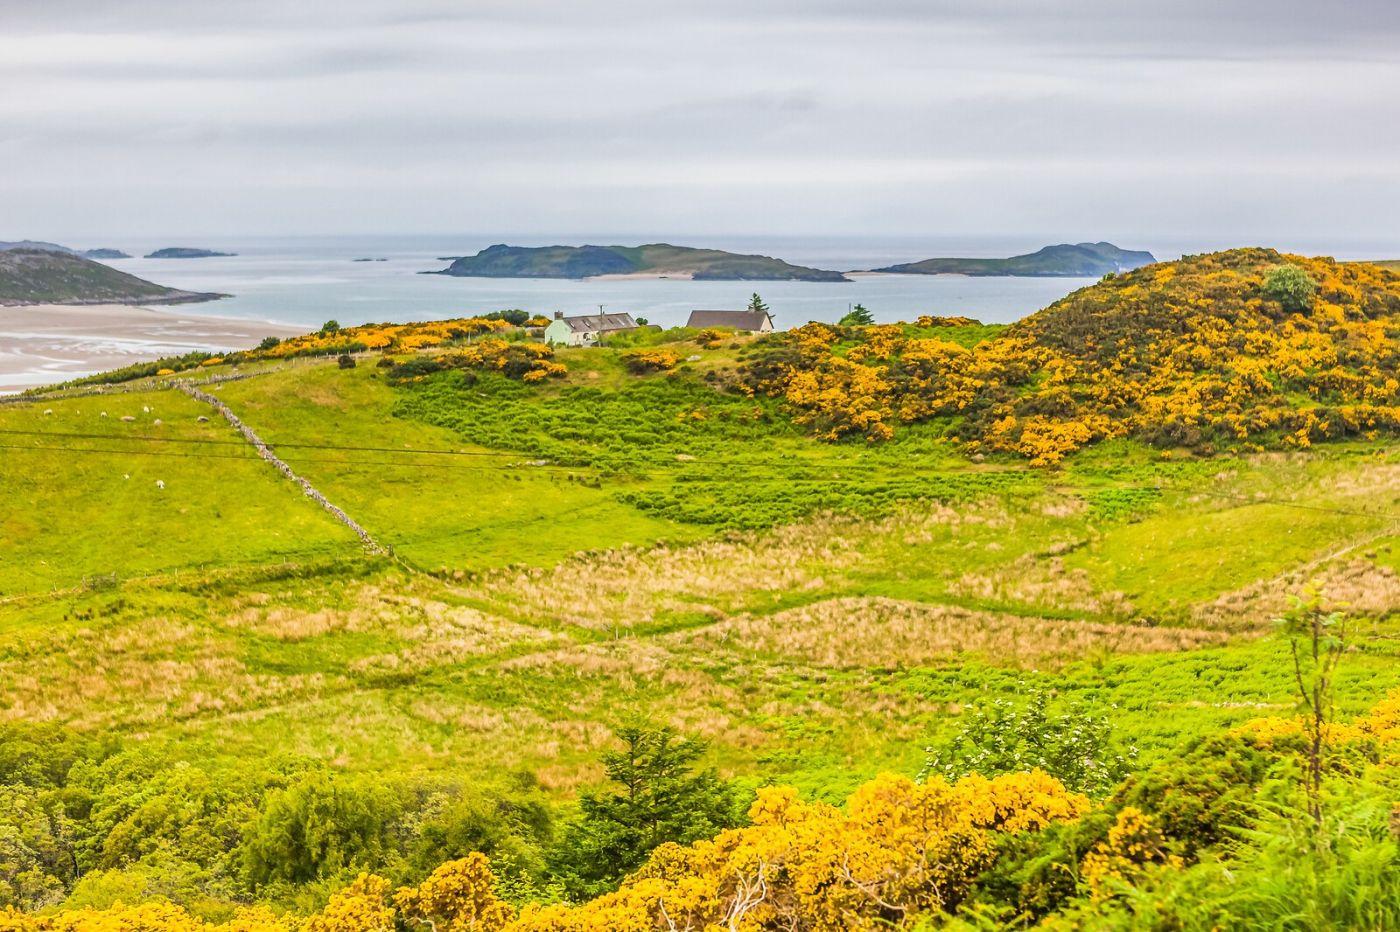 苏格兰美景,弯弯的沙滩_图1-1